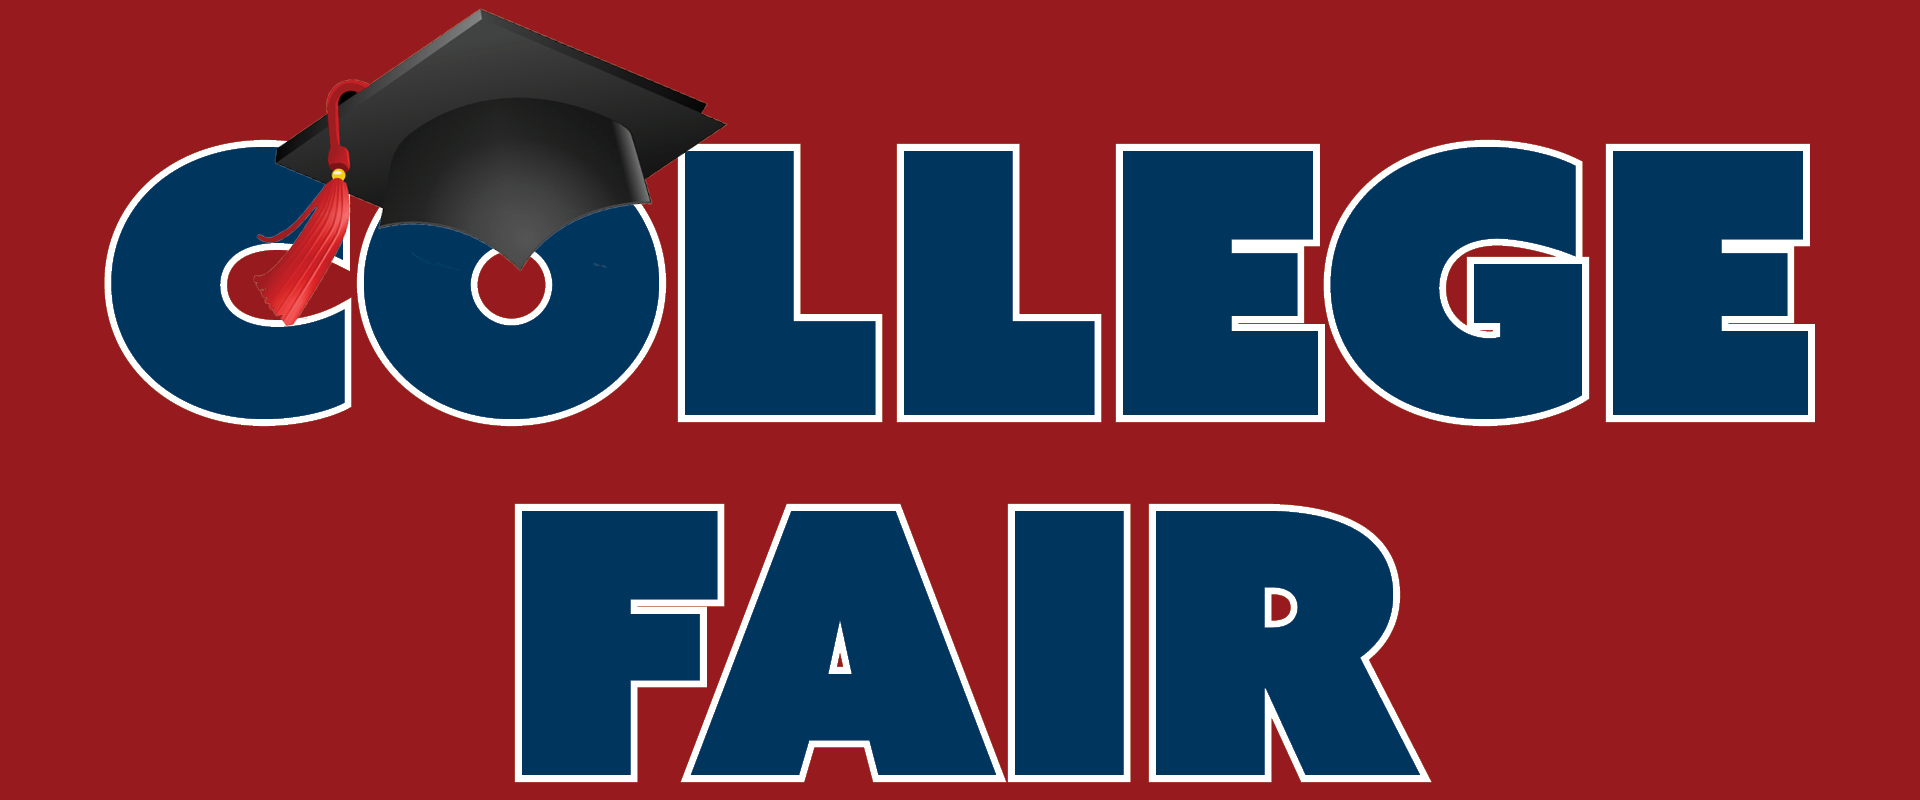 College Fair3.jpg